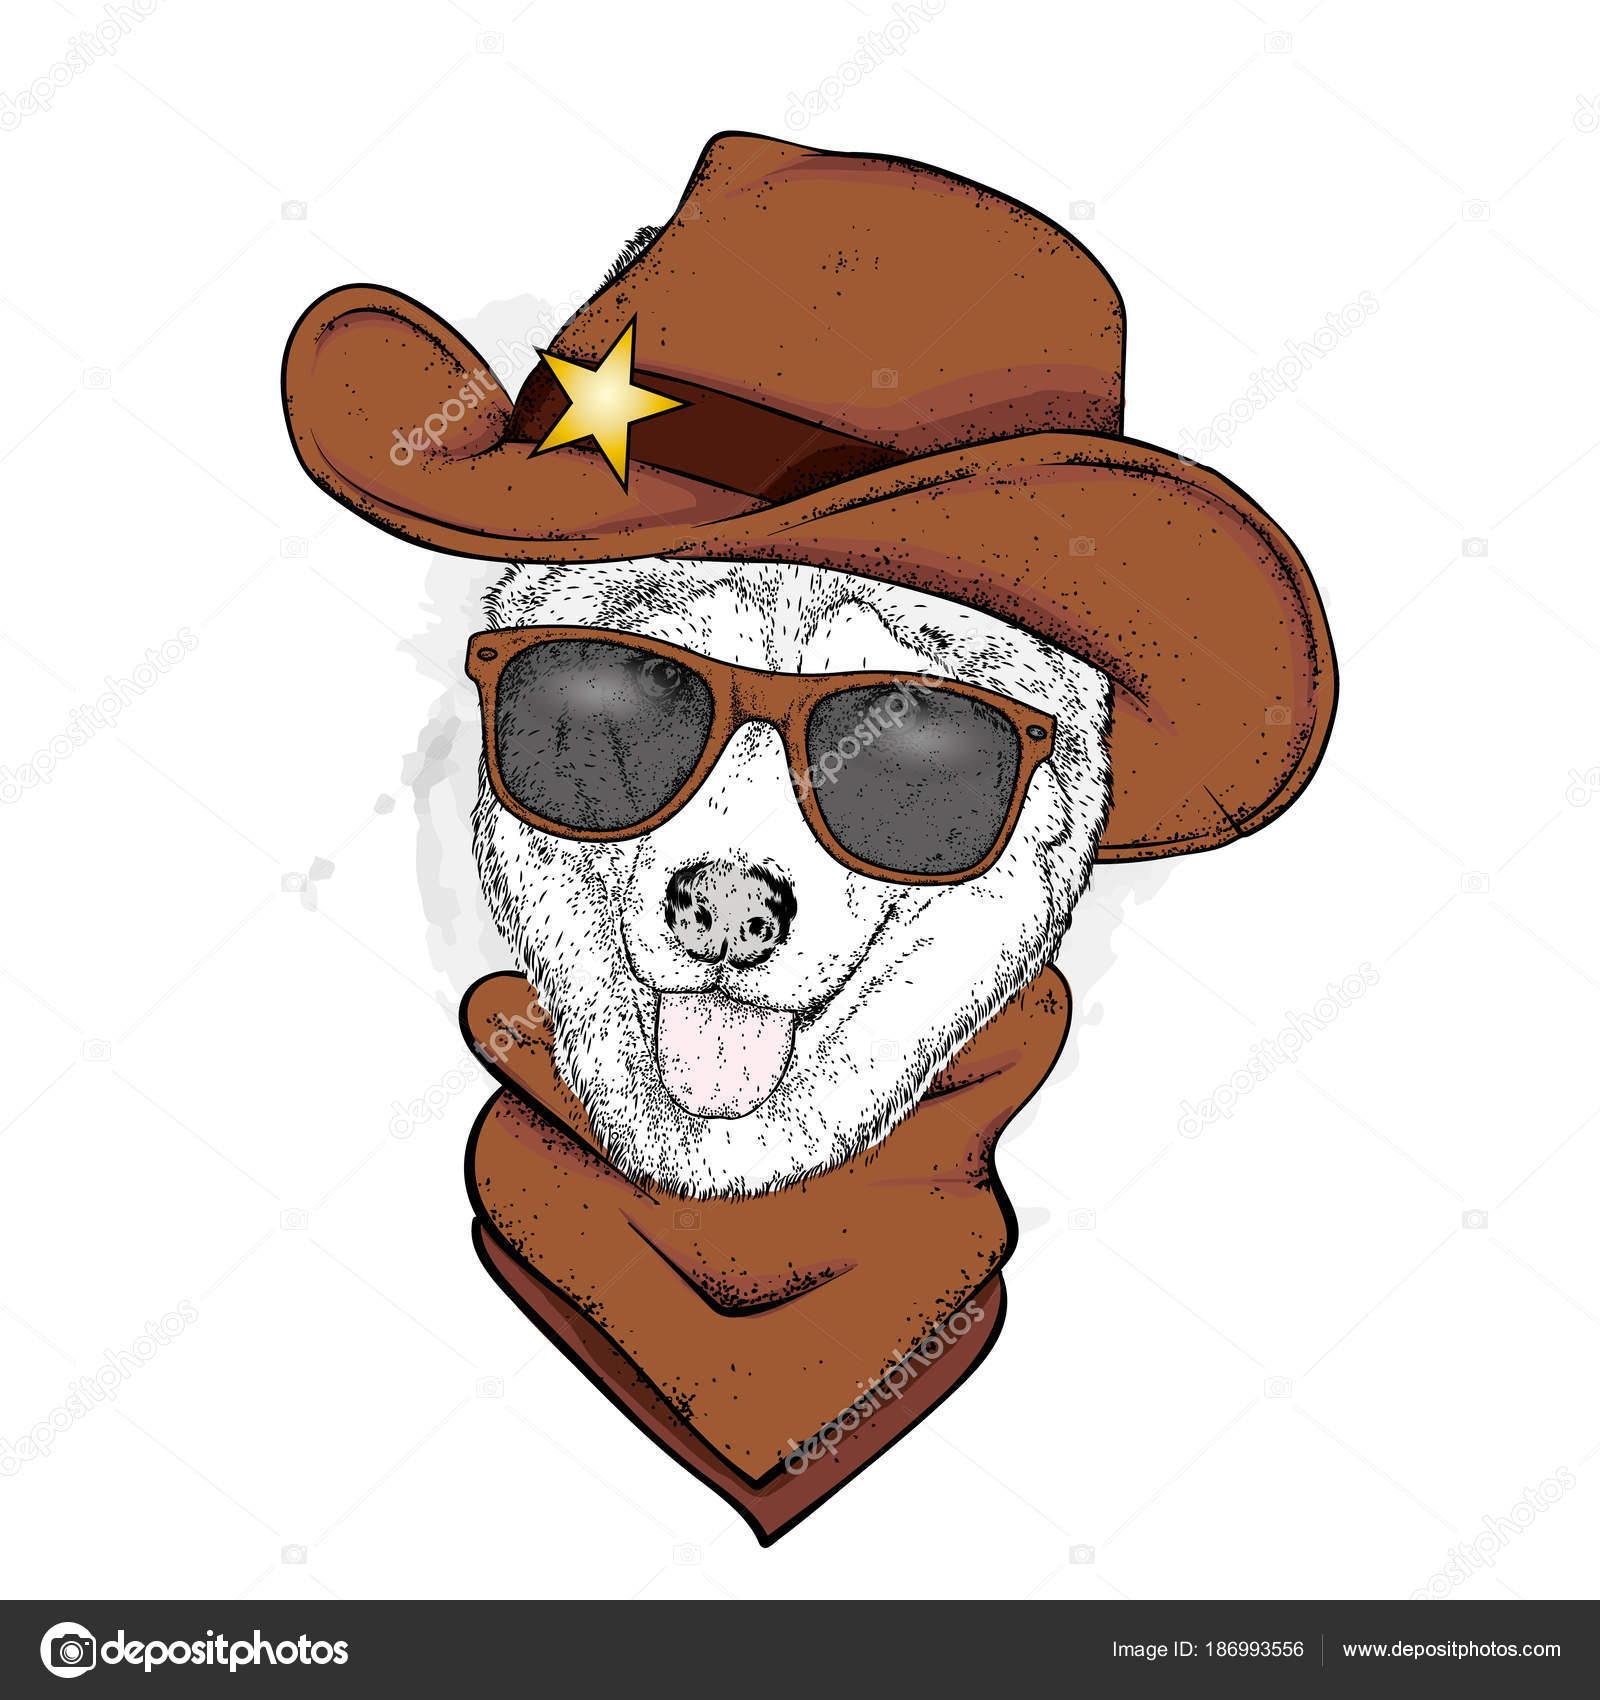 afbb5758640dc Un perro en un sombrero de vaquero y un pañuelo. Pura raza cachorro en ropa  y accesorios. Ilustración vectorial para una postal o un cartel.